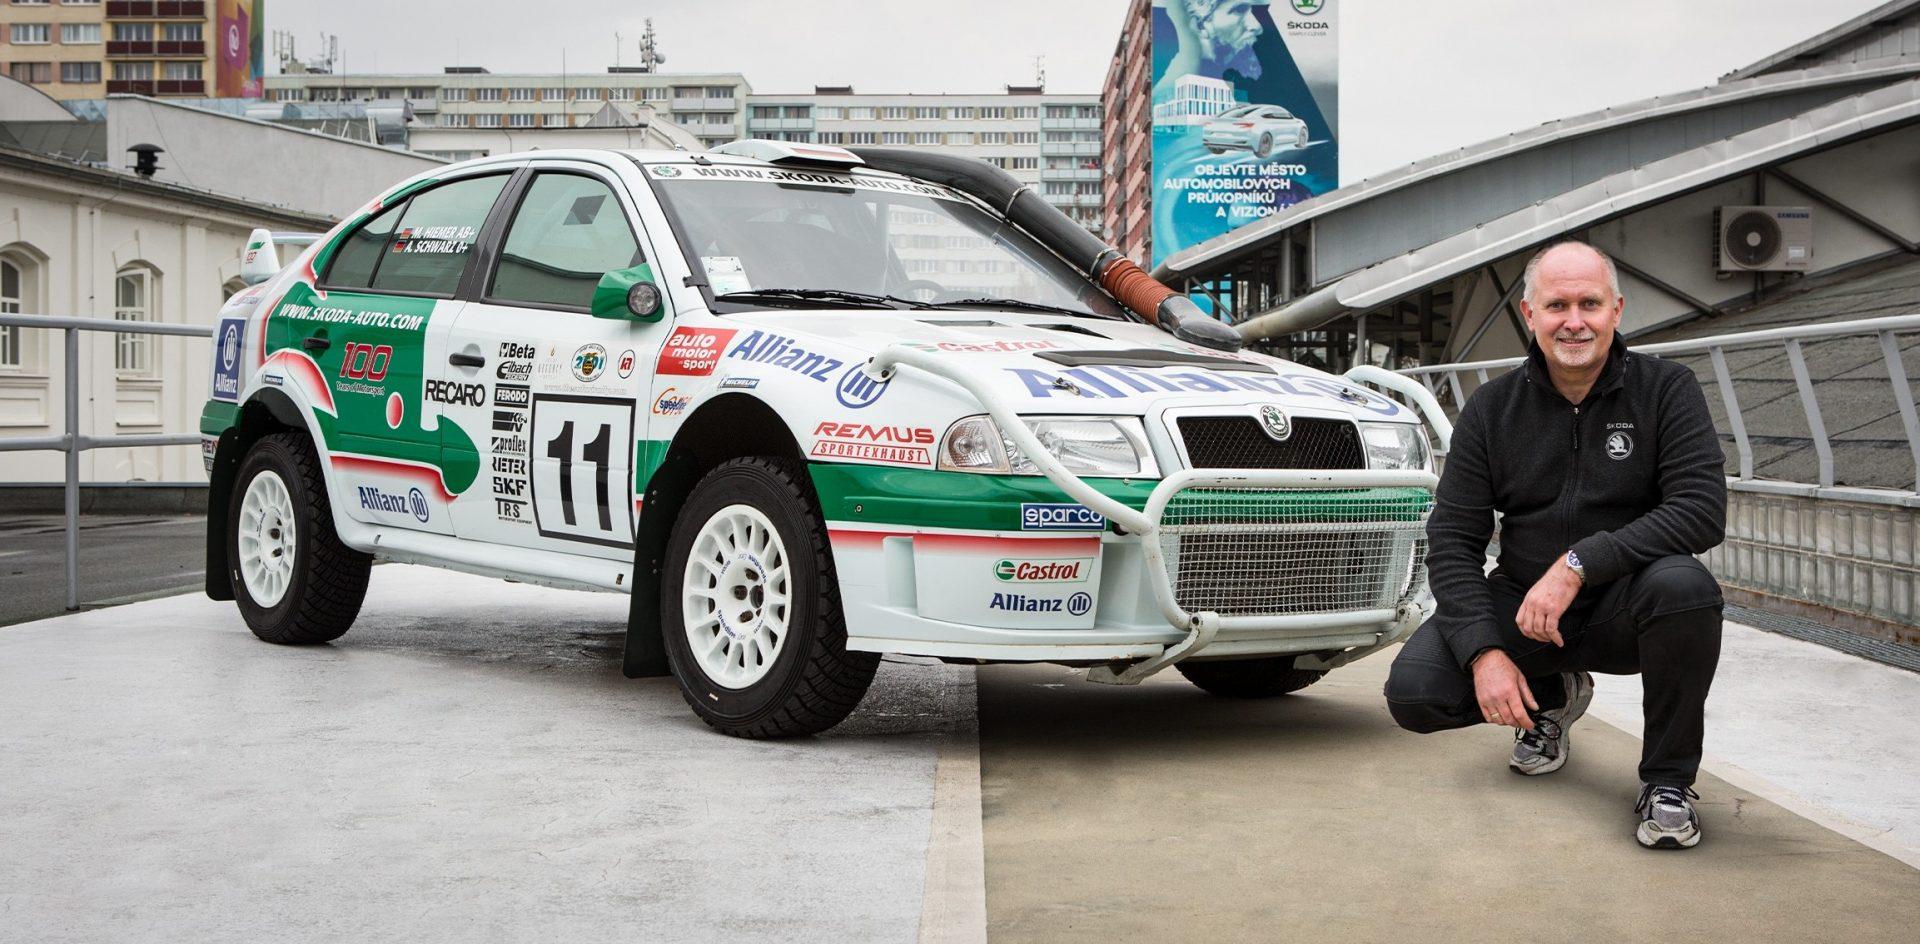 Kde jiná auta selhala, OCTAVIA WRC jela dál, vzpomíná Armin Schwarz